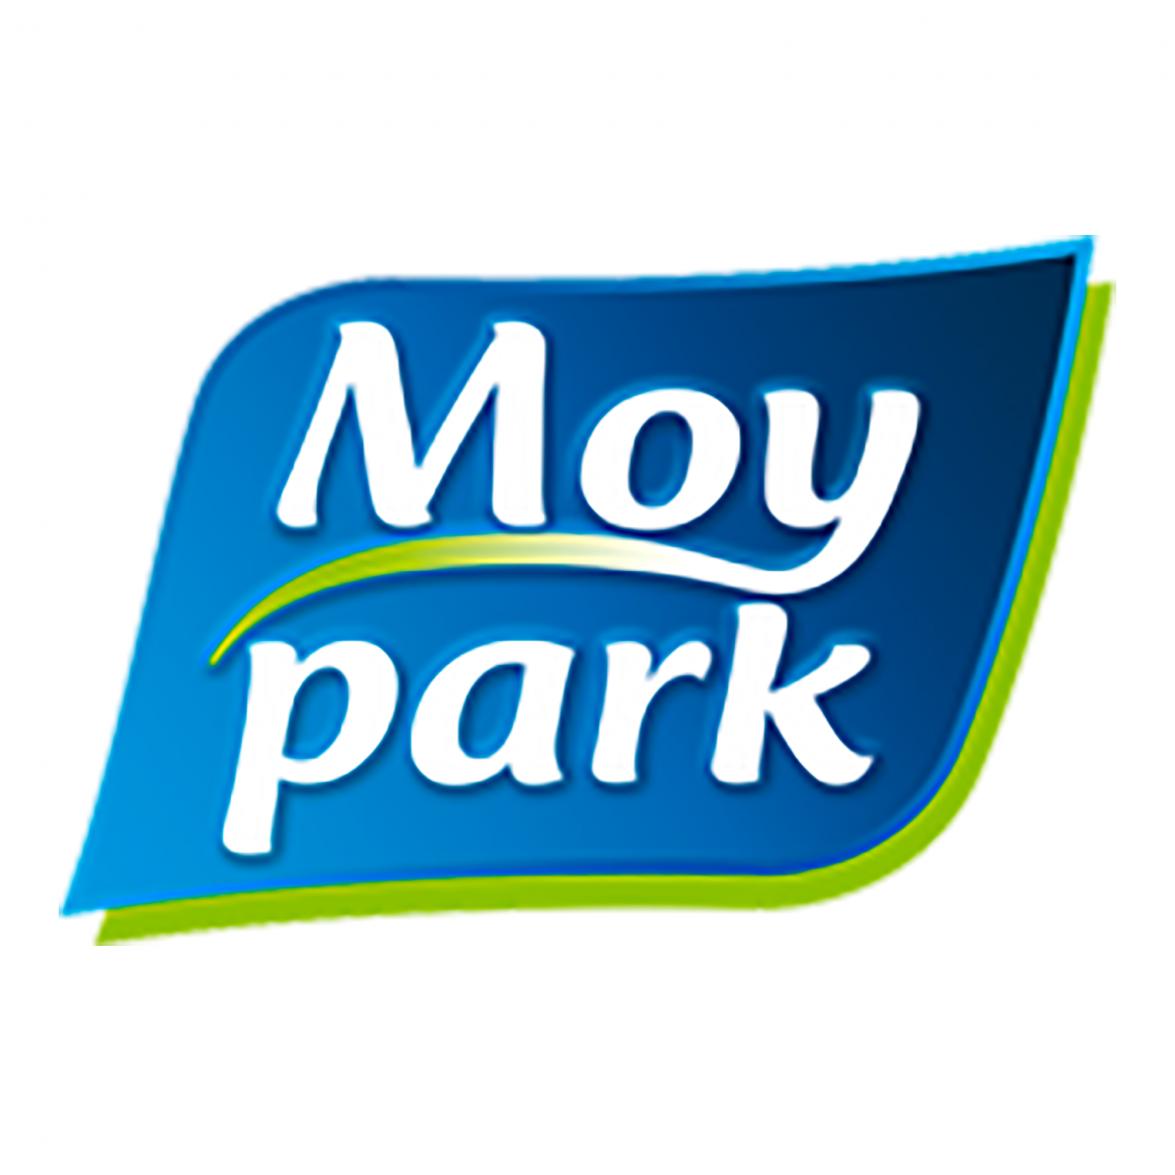 Angèle Von kiss - Mes clients - Moy park